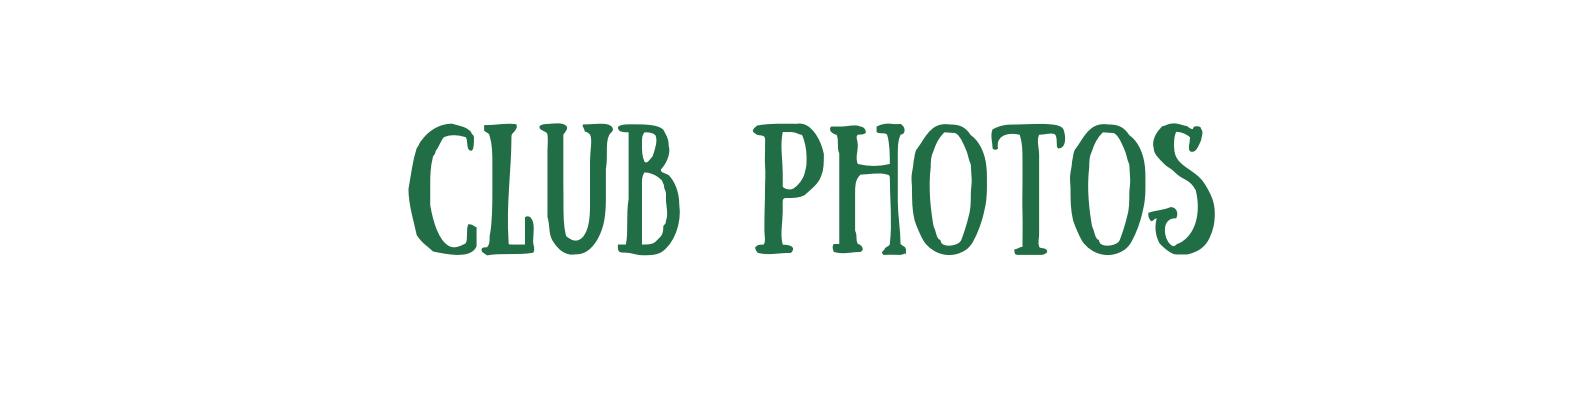 Green and Cream Brushstroke Assistant Professor LinkedIn Banner (43)